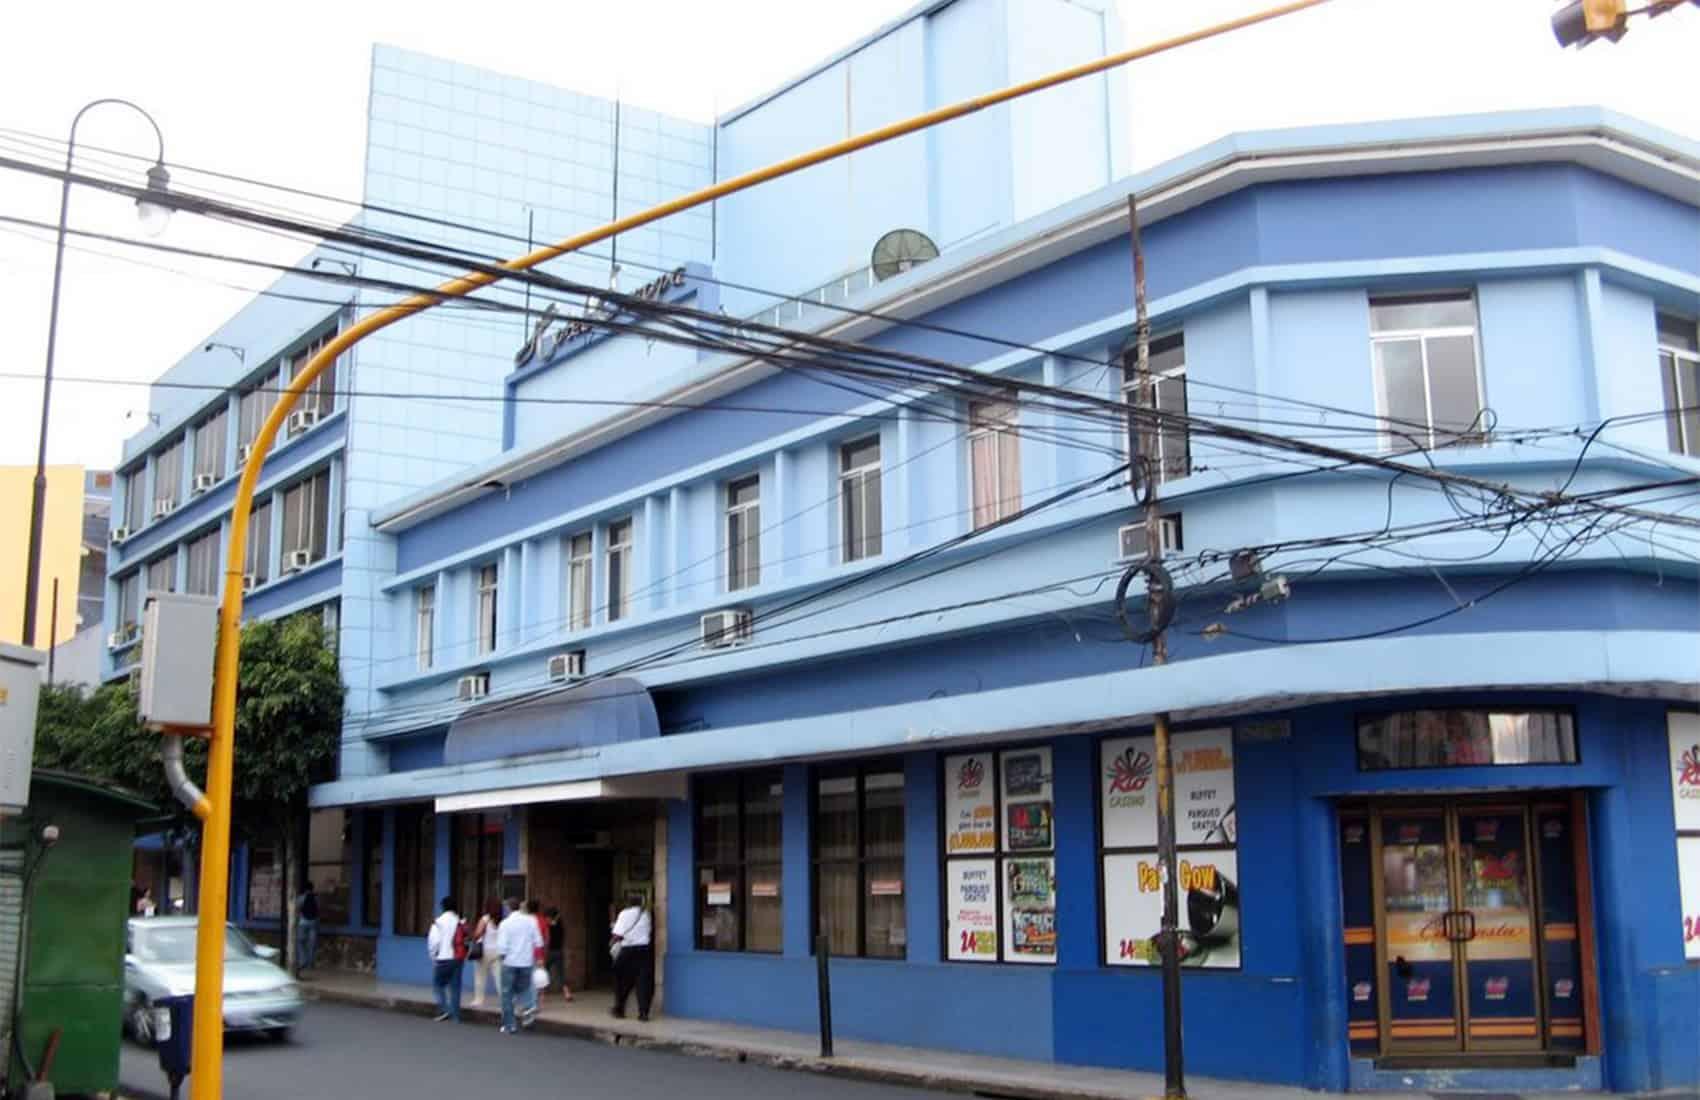 Hotel Europa, downtown San José